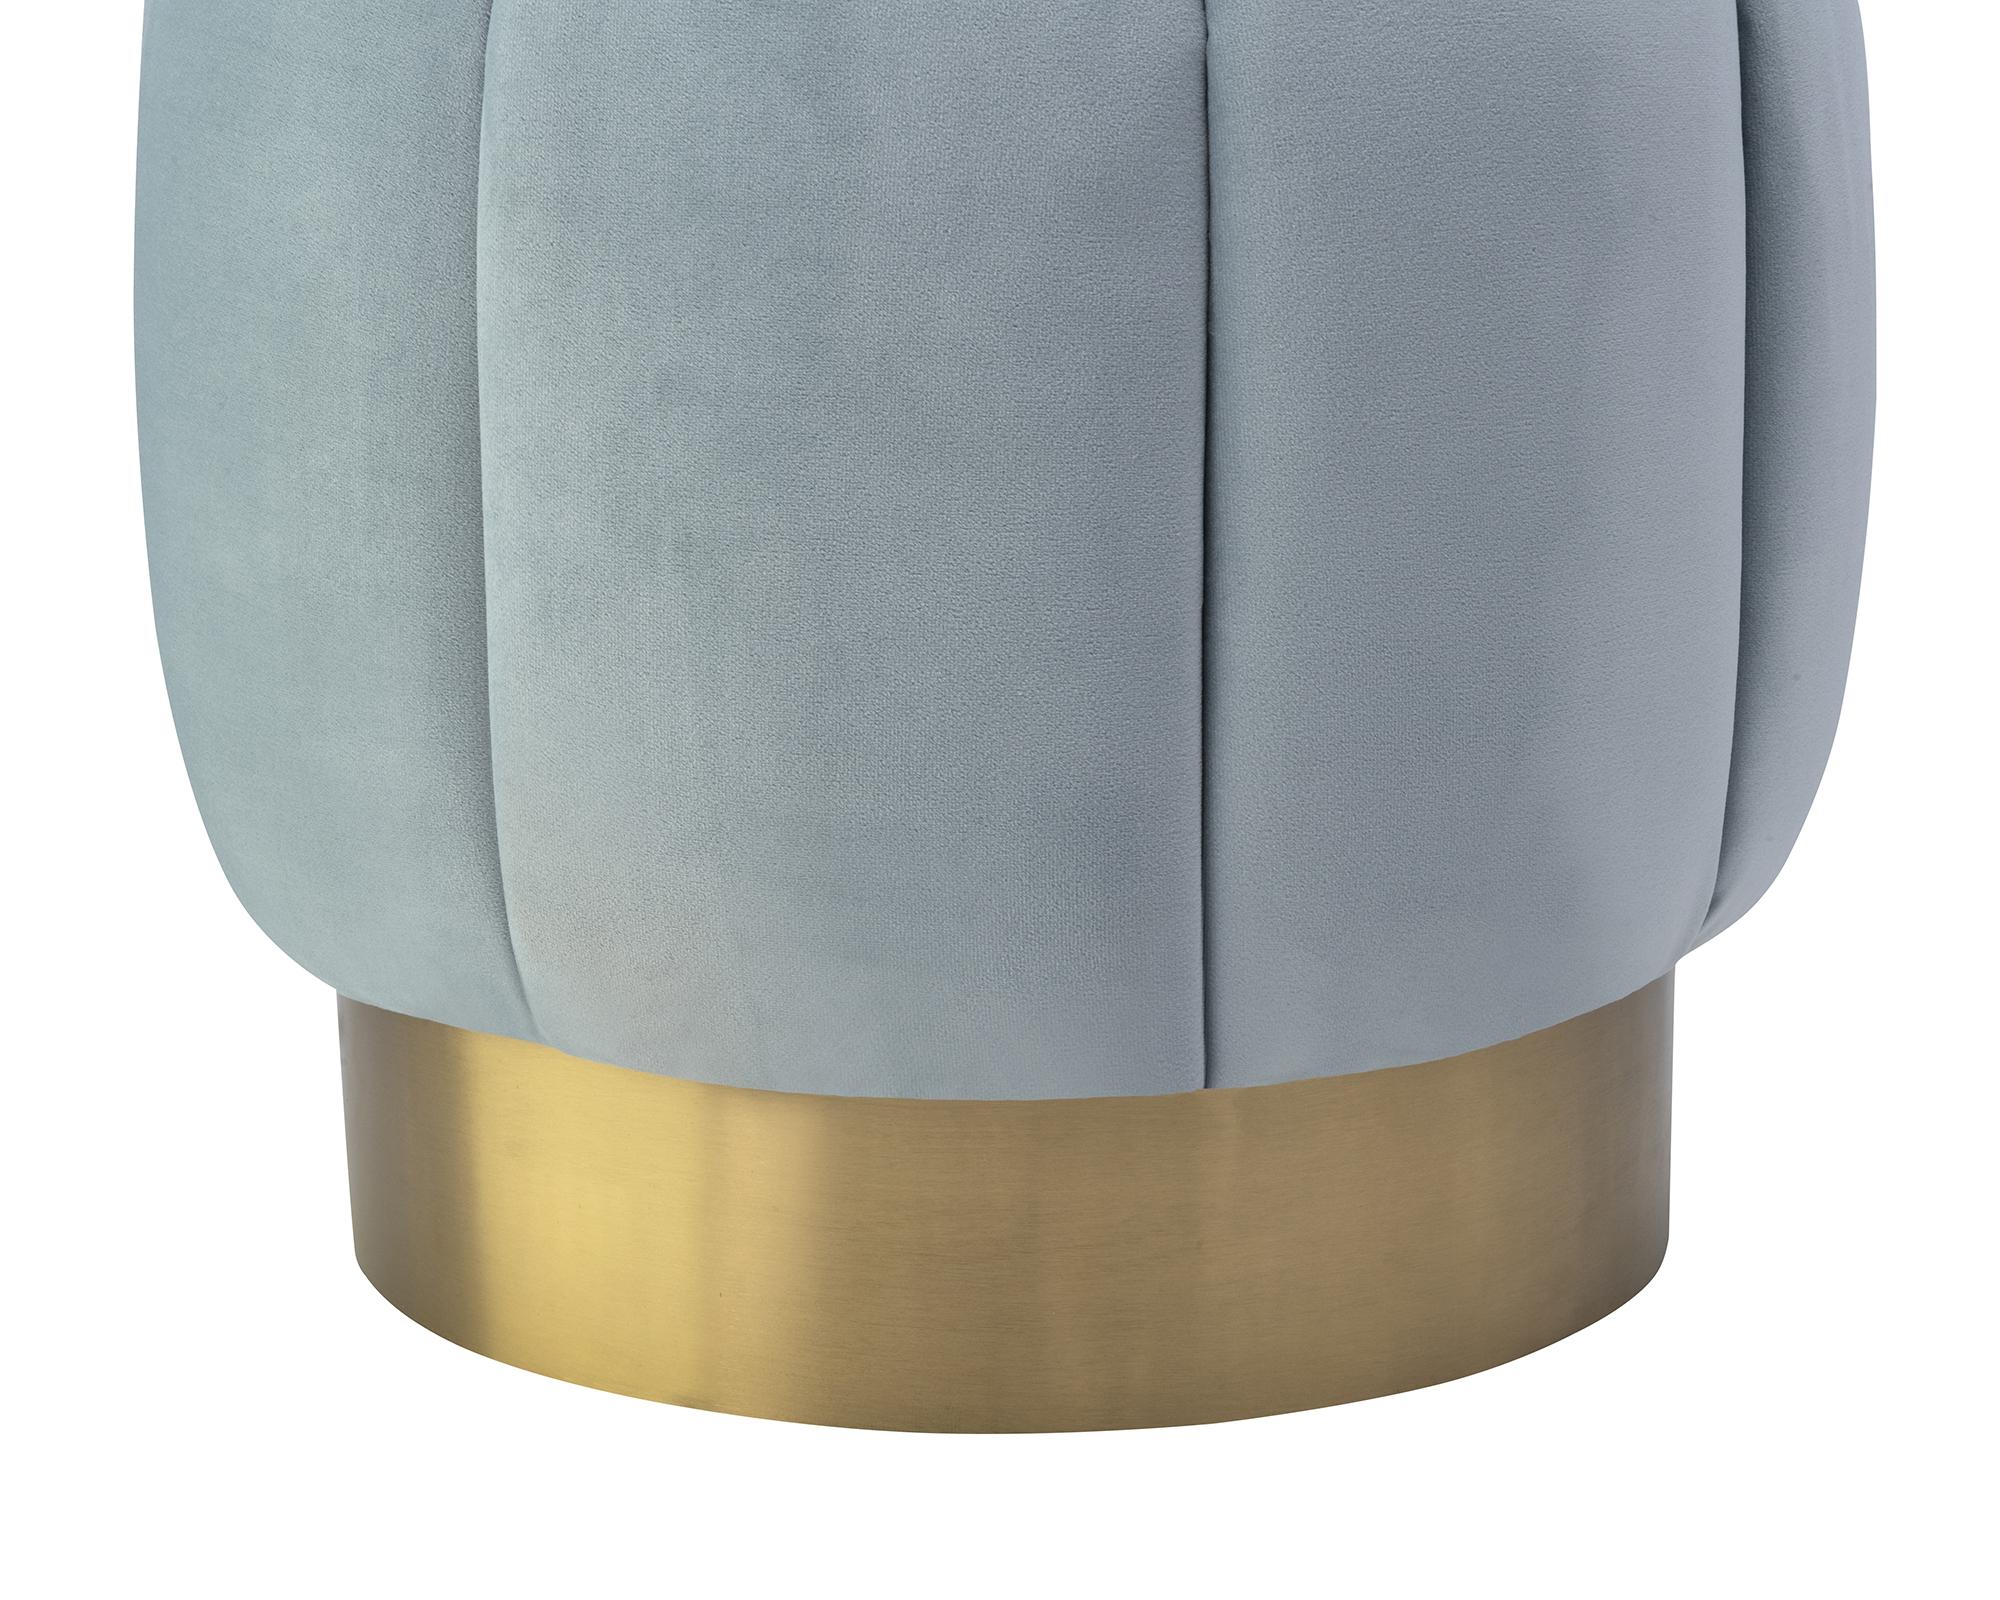 Liang & Eimil Cloe Stool Turquoise Velvet BH-STL-105 (4)